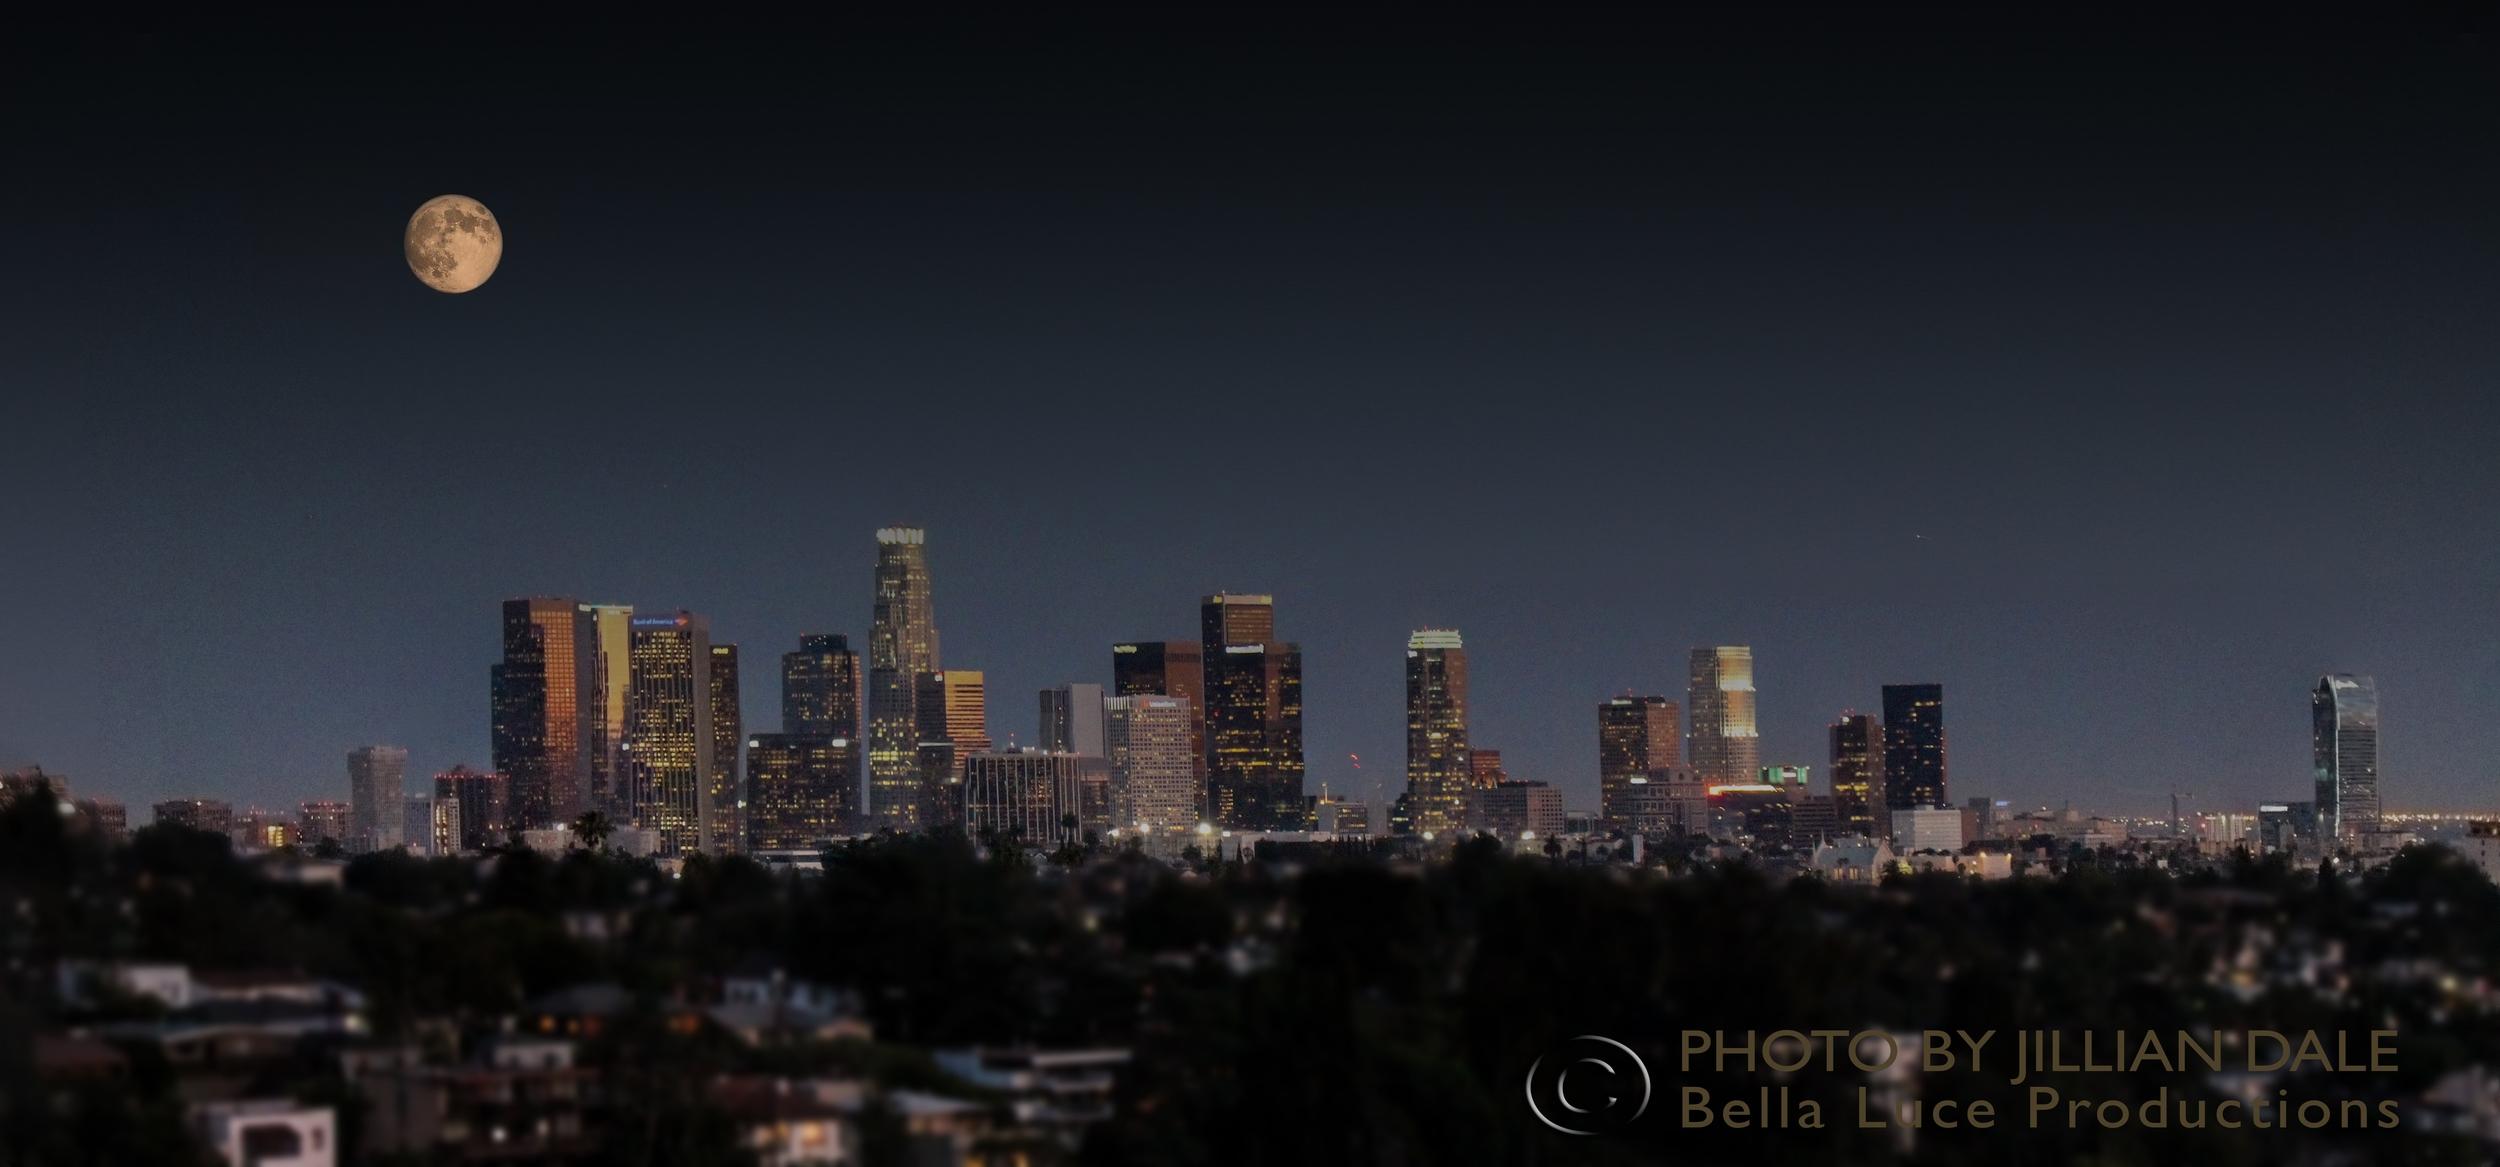 Los Angeles Skyline by Jillian Dale | Bella Luce Productions